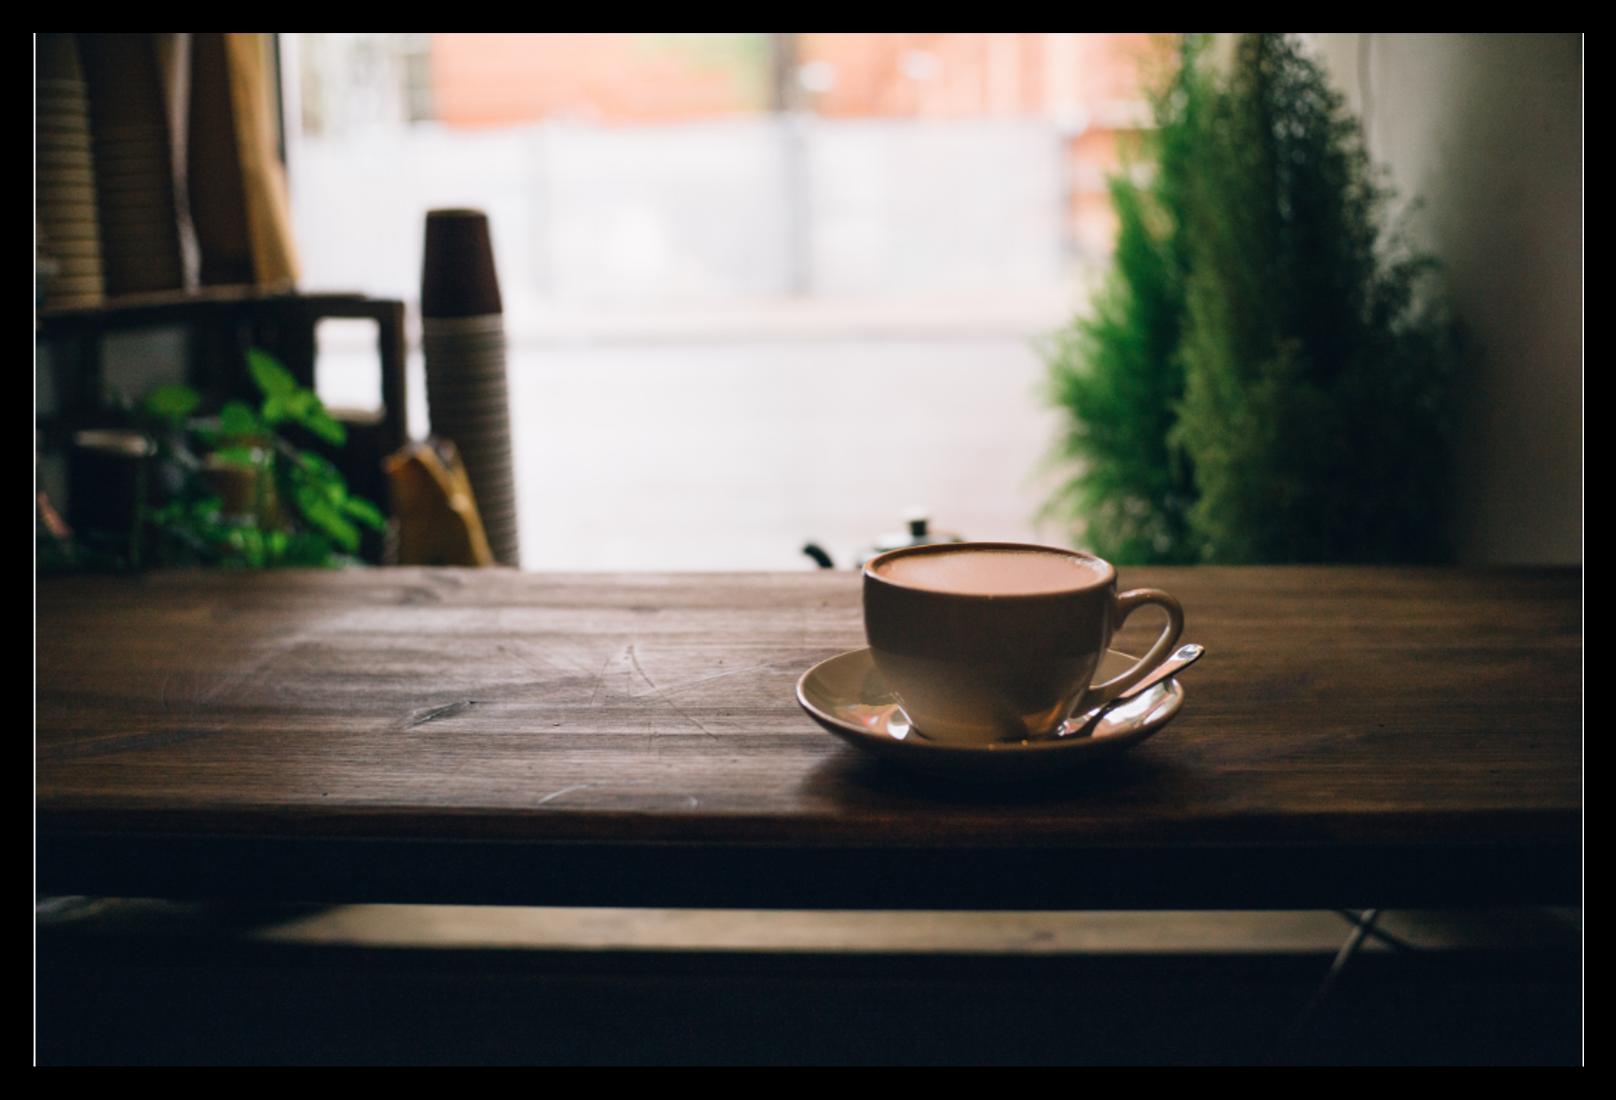 04.2021 - coffee